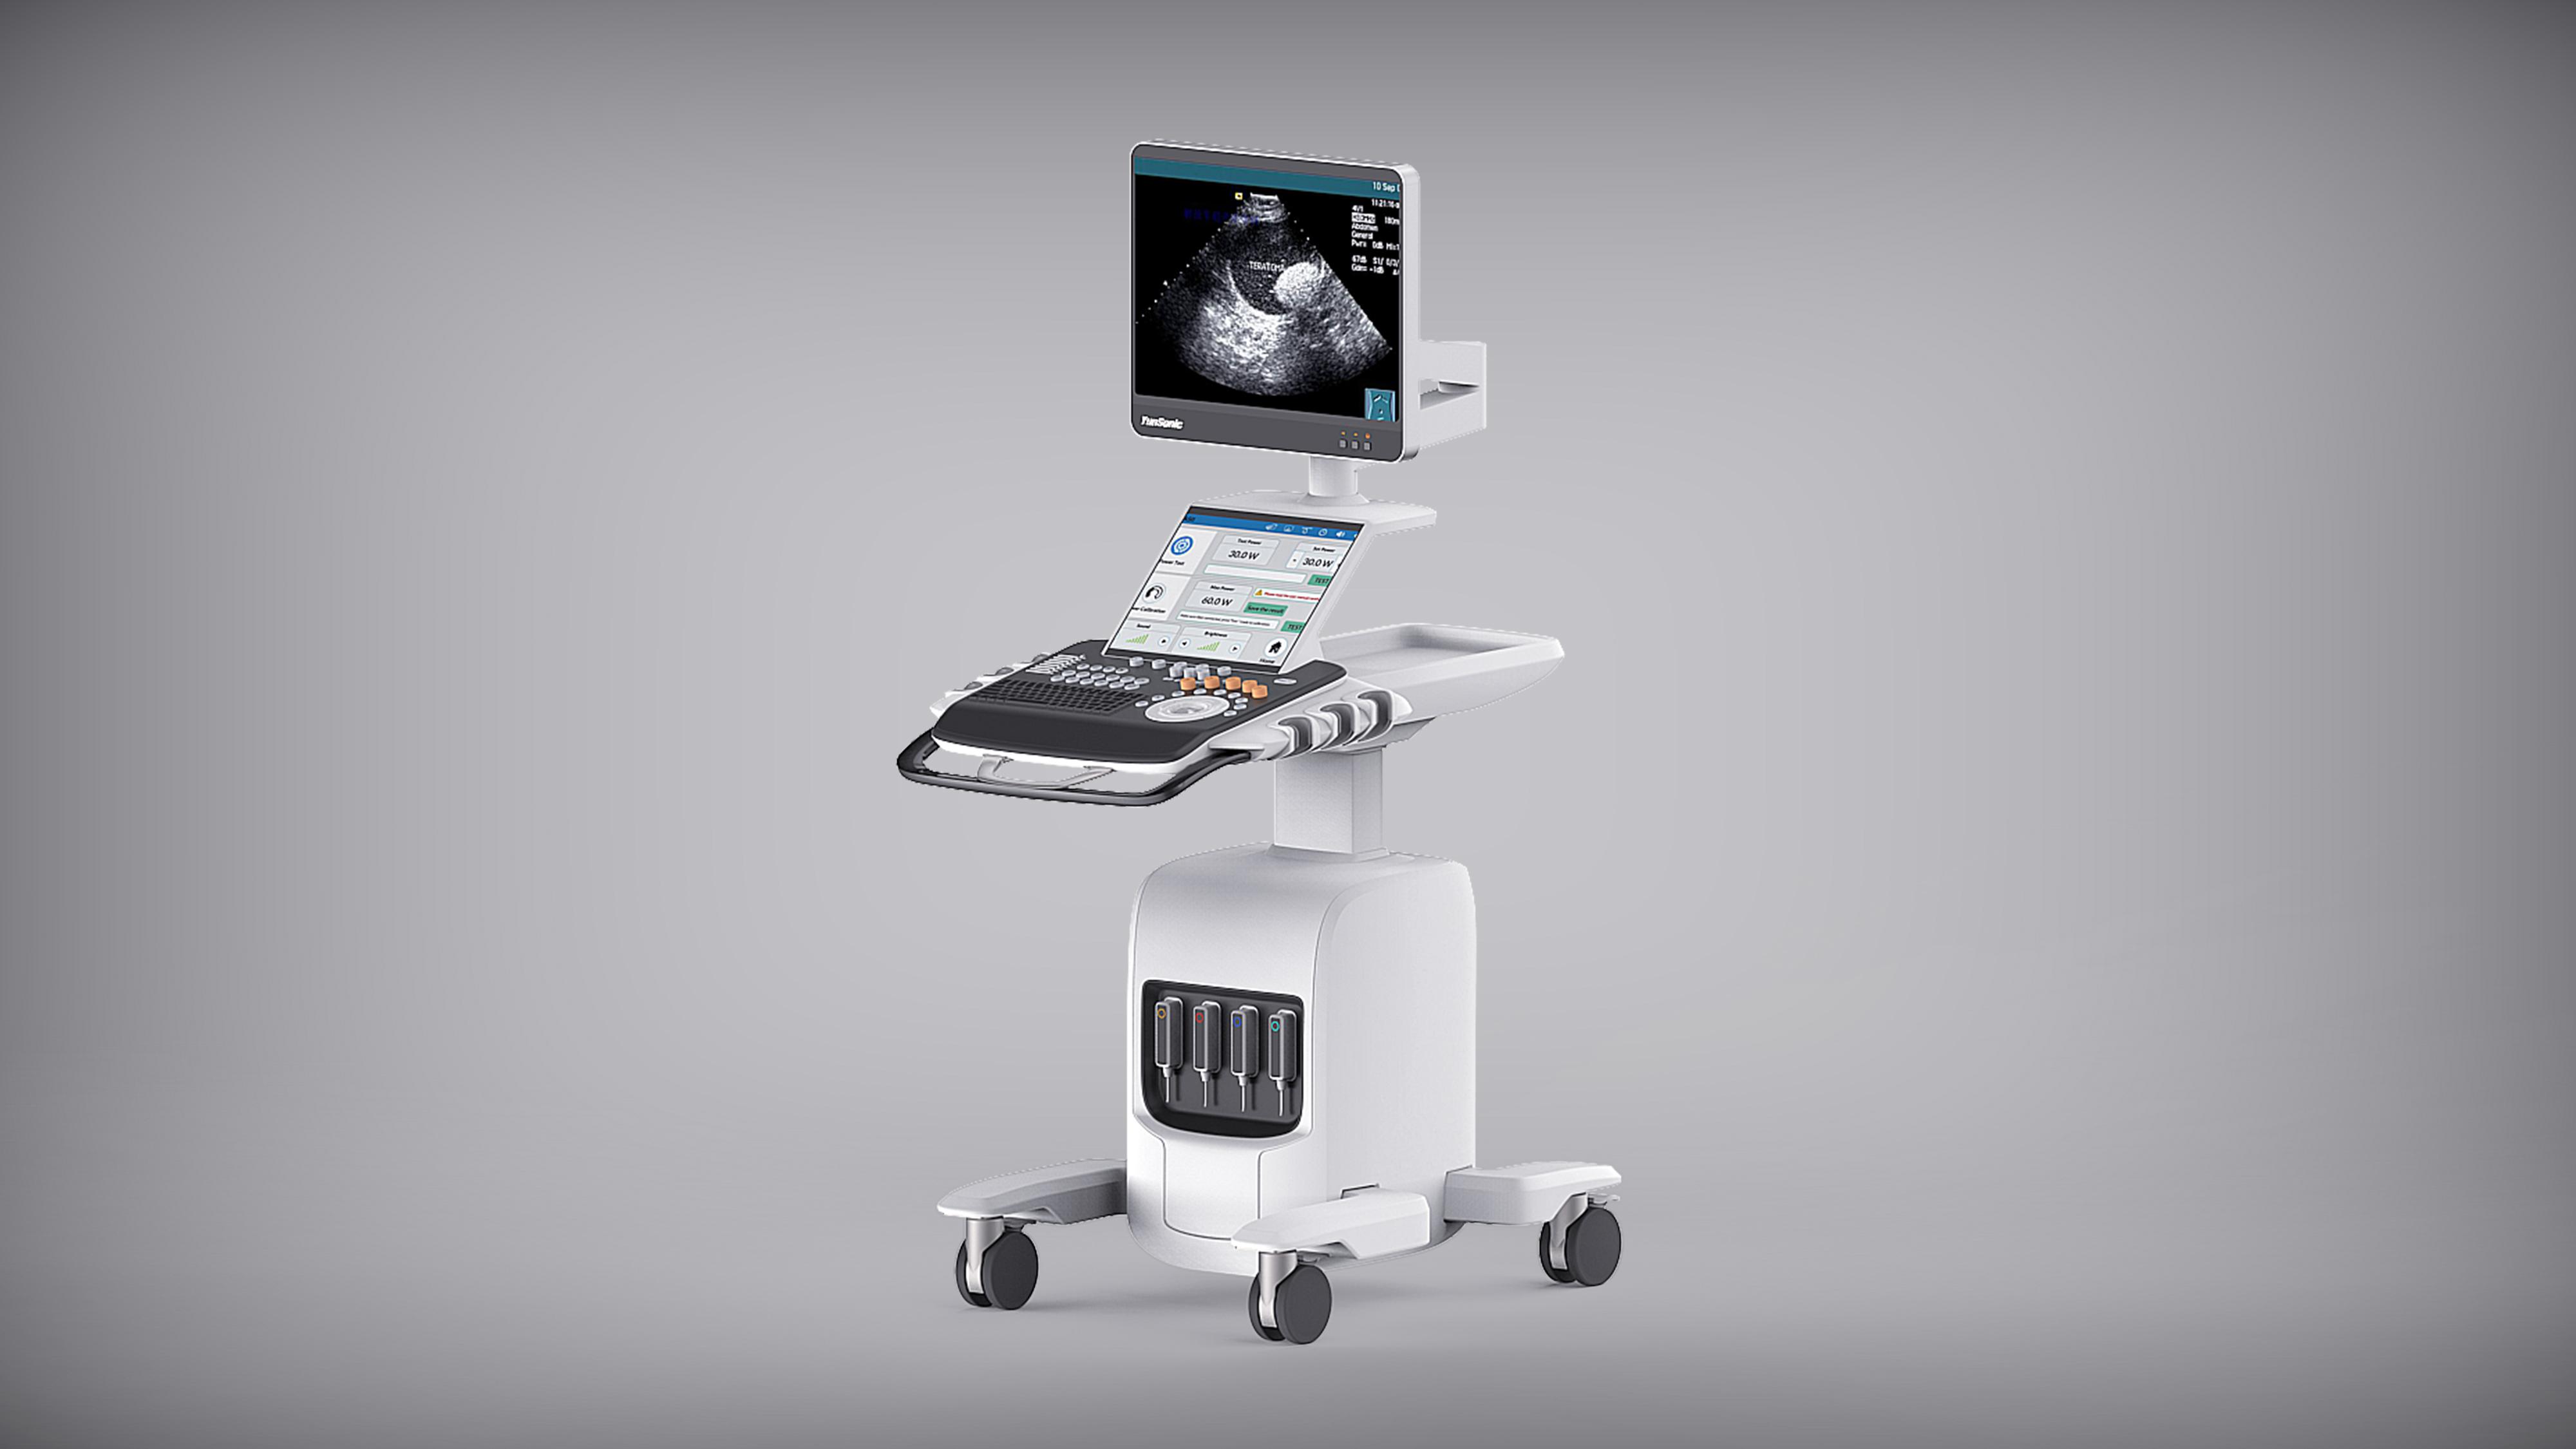 科学实验/医疗/测试检测/光学/影像测量仪器仪表外观结构设计